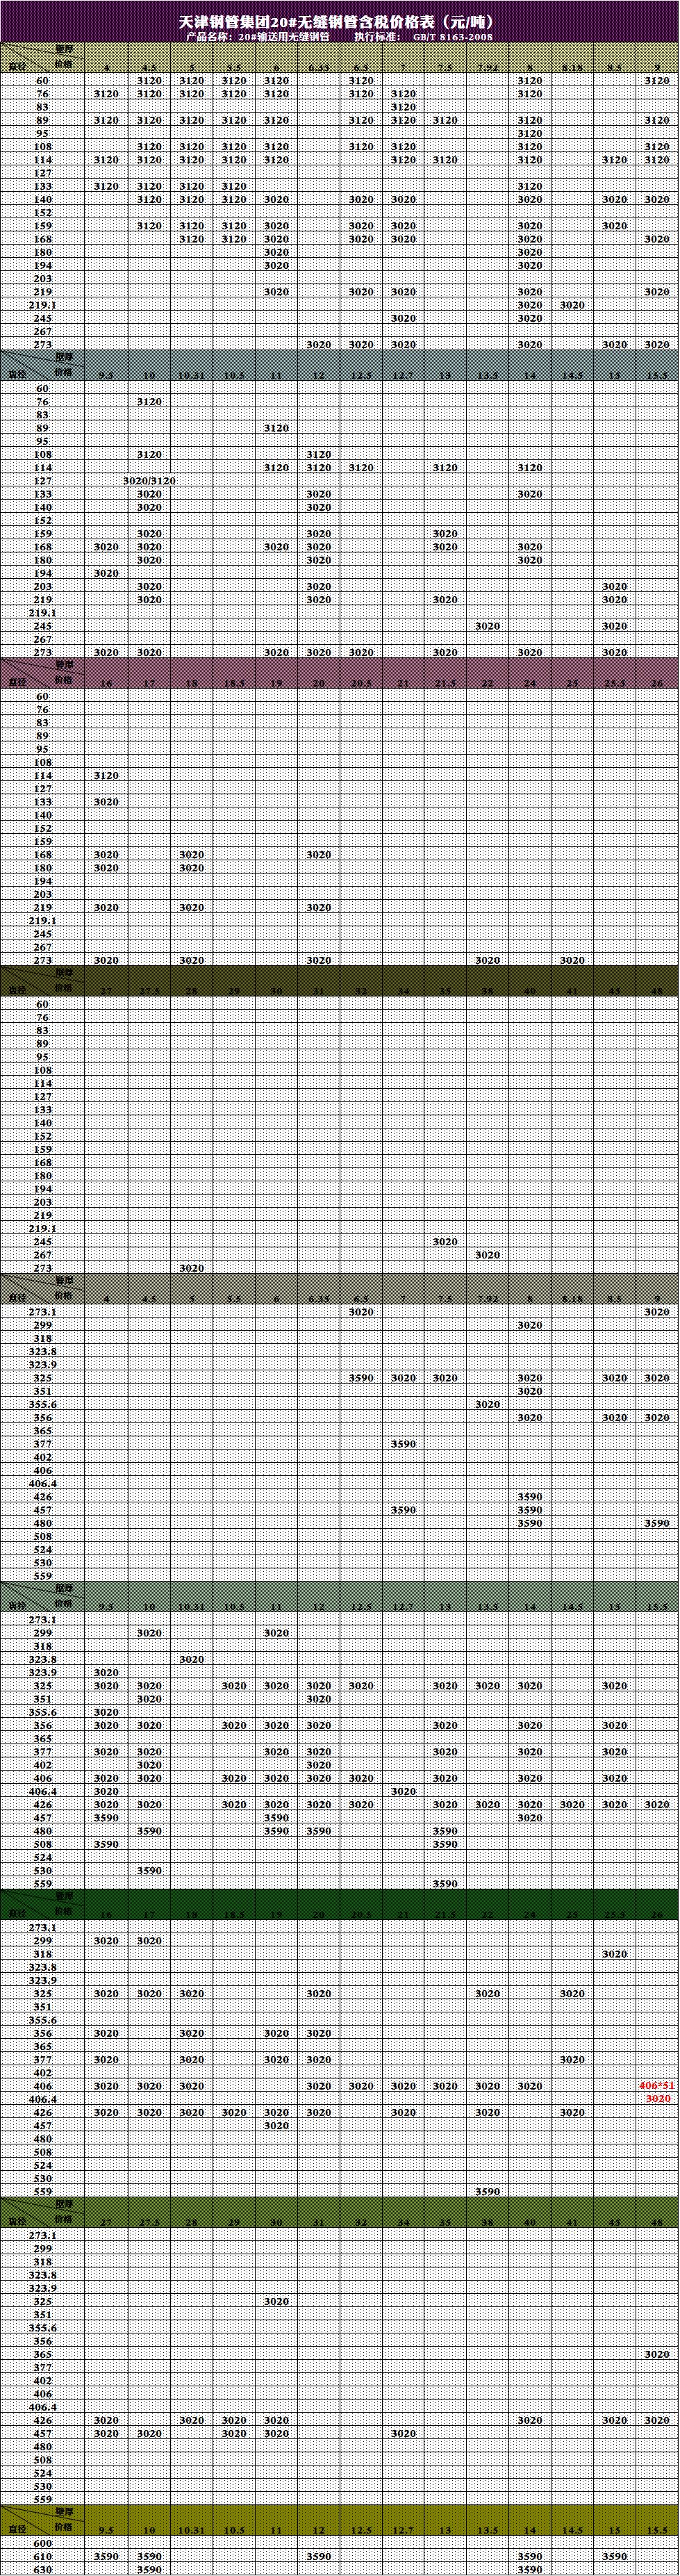 天津钢管集团(俗称:天津大无缝)20#无缝钢管出厂价格表